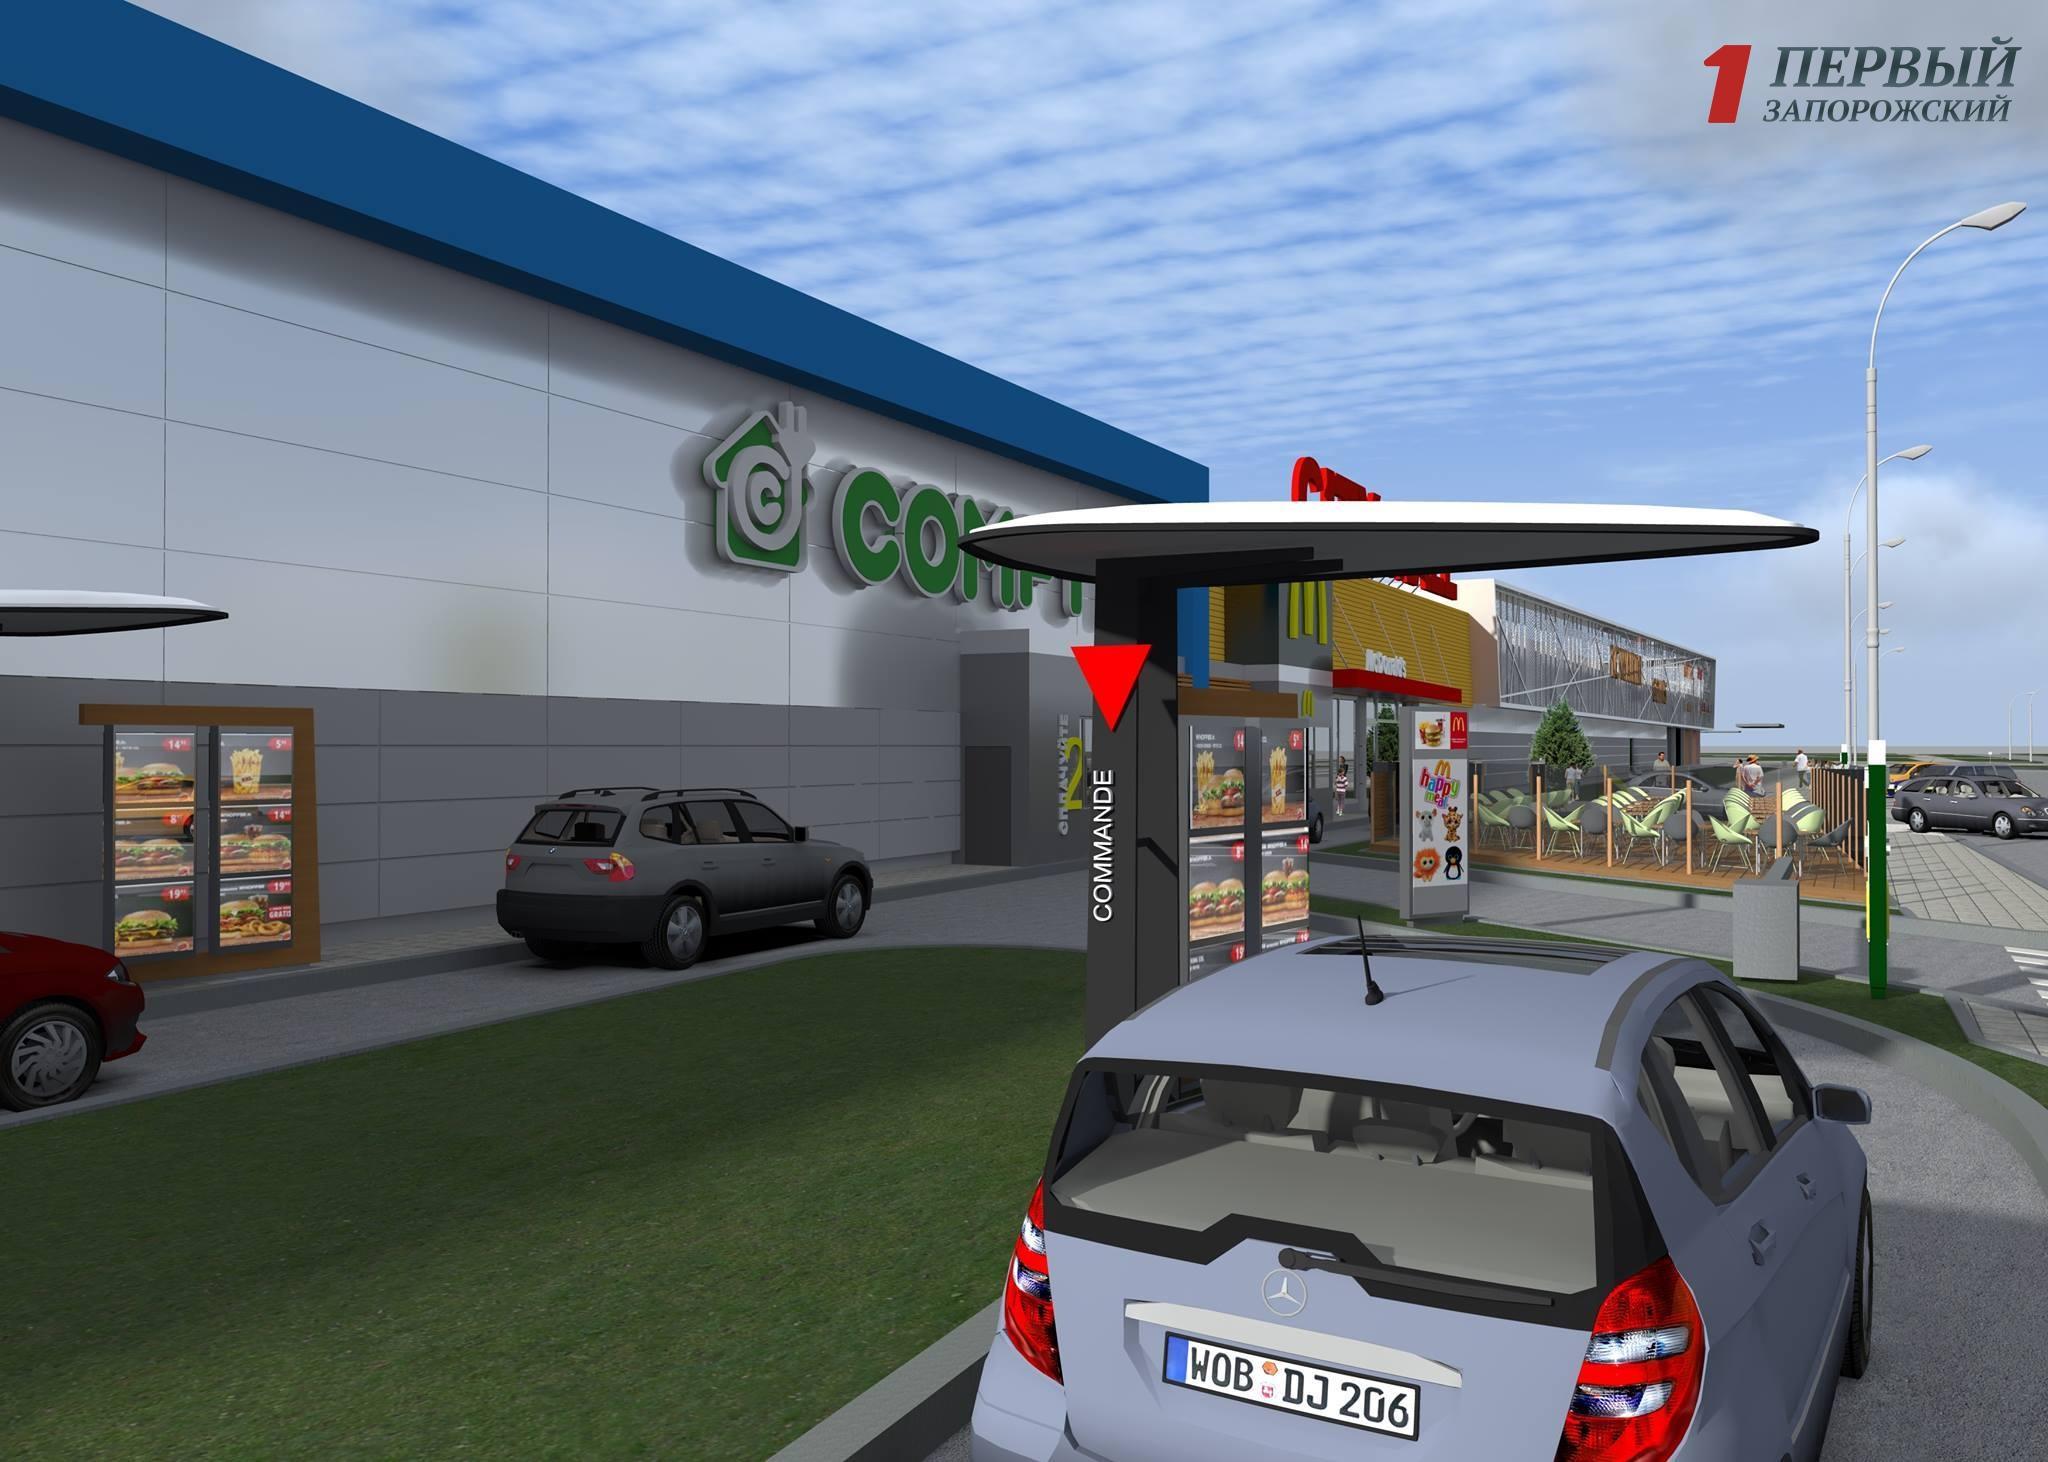 Стало известно, как будет выглядеть МакДрайв в торговом центре «City Mall» - ФОТО